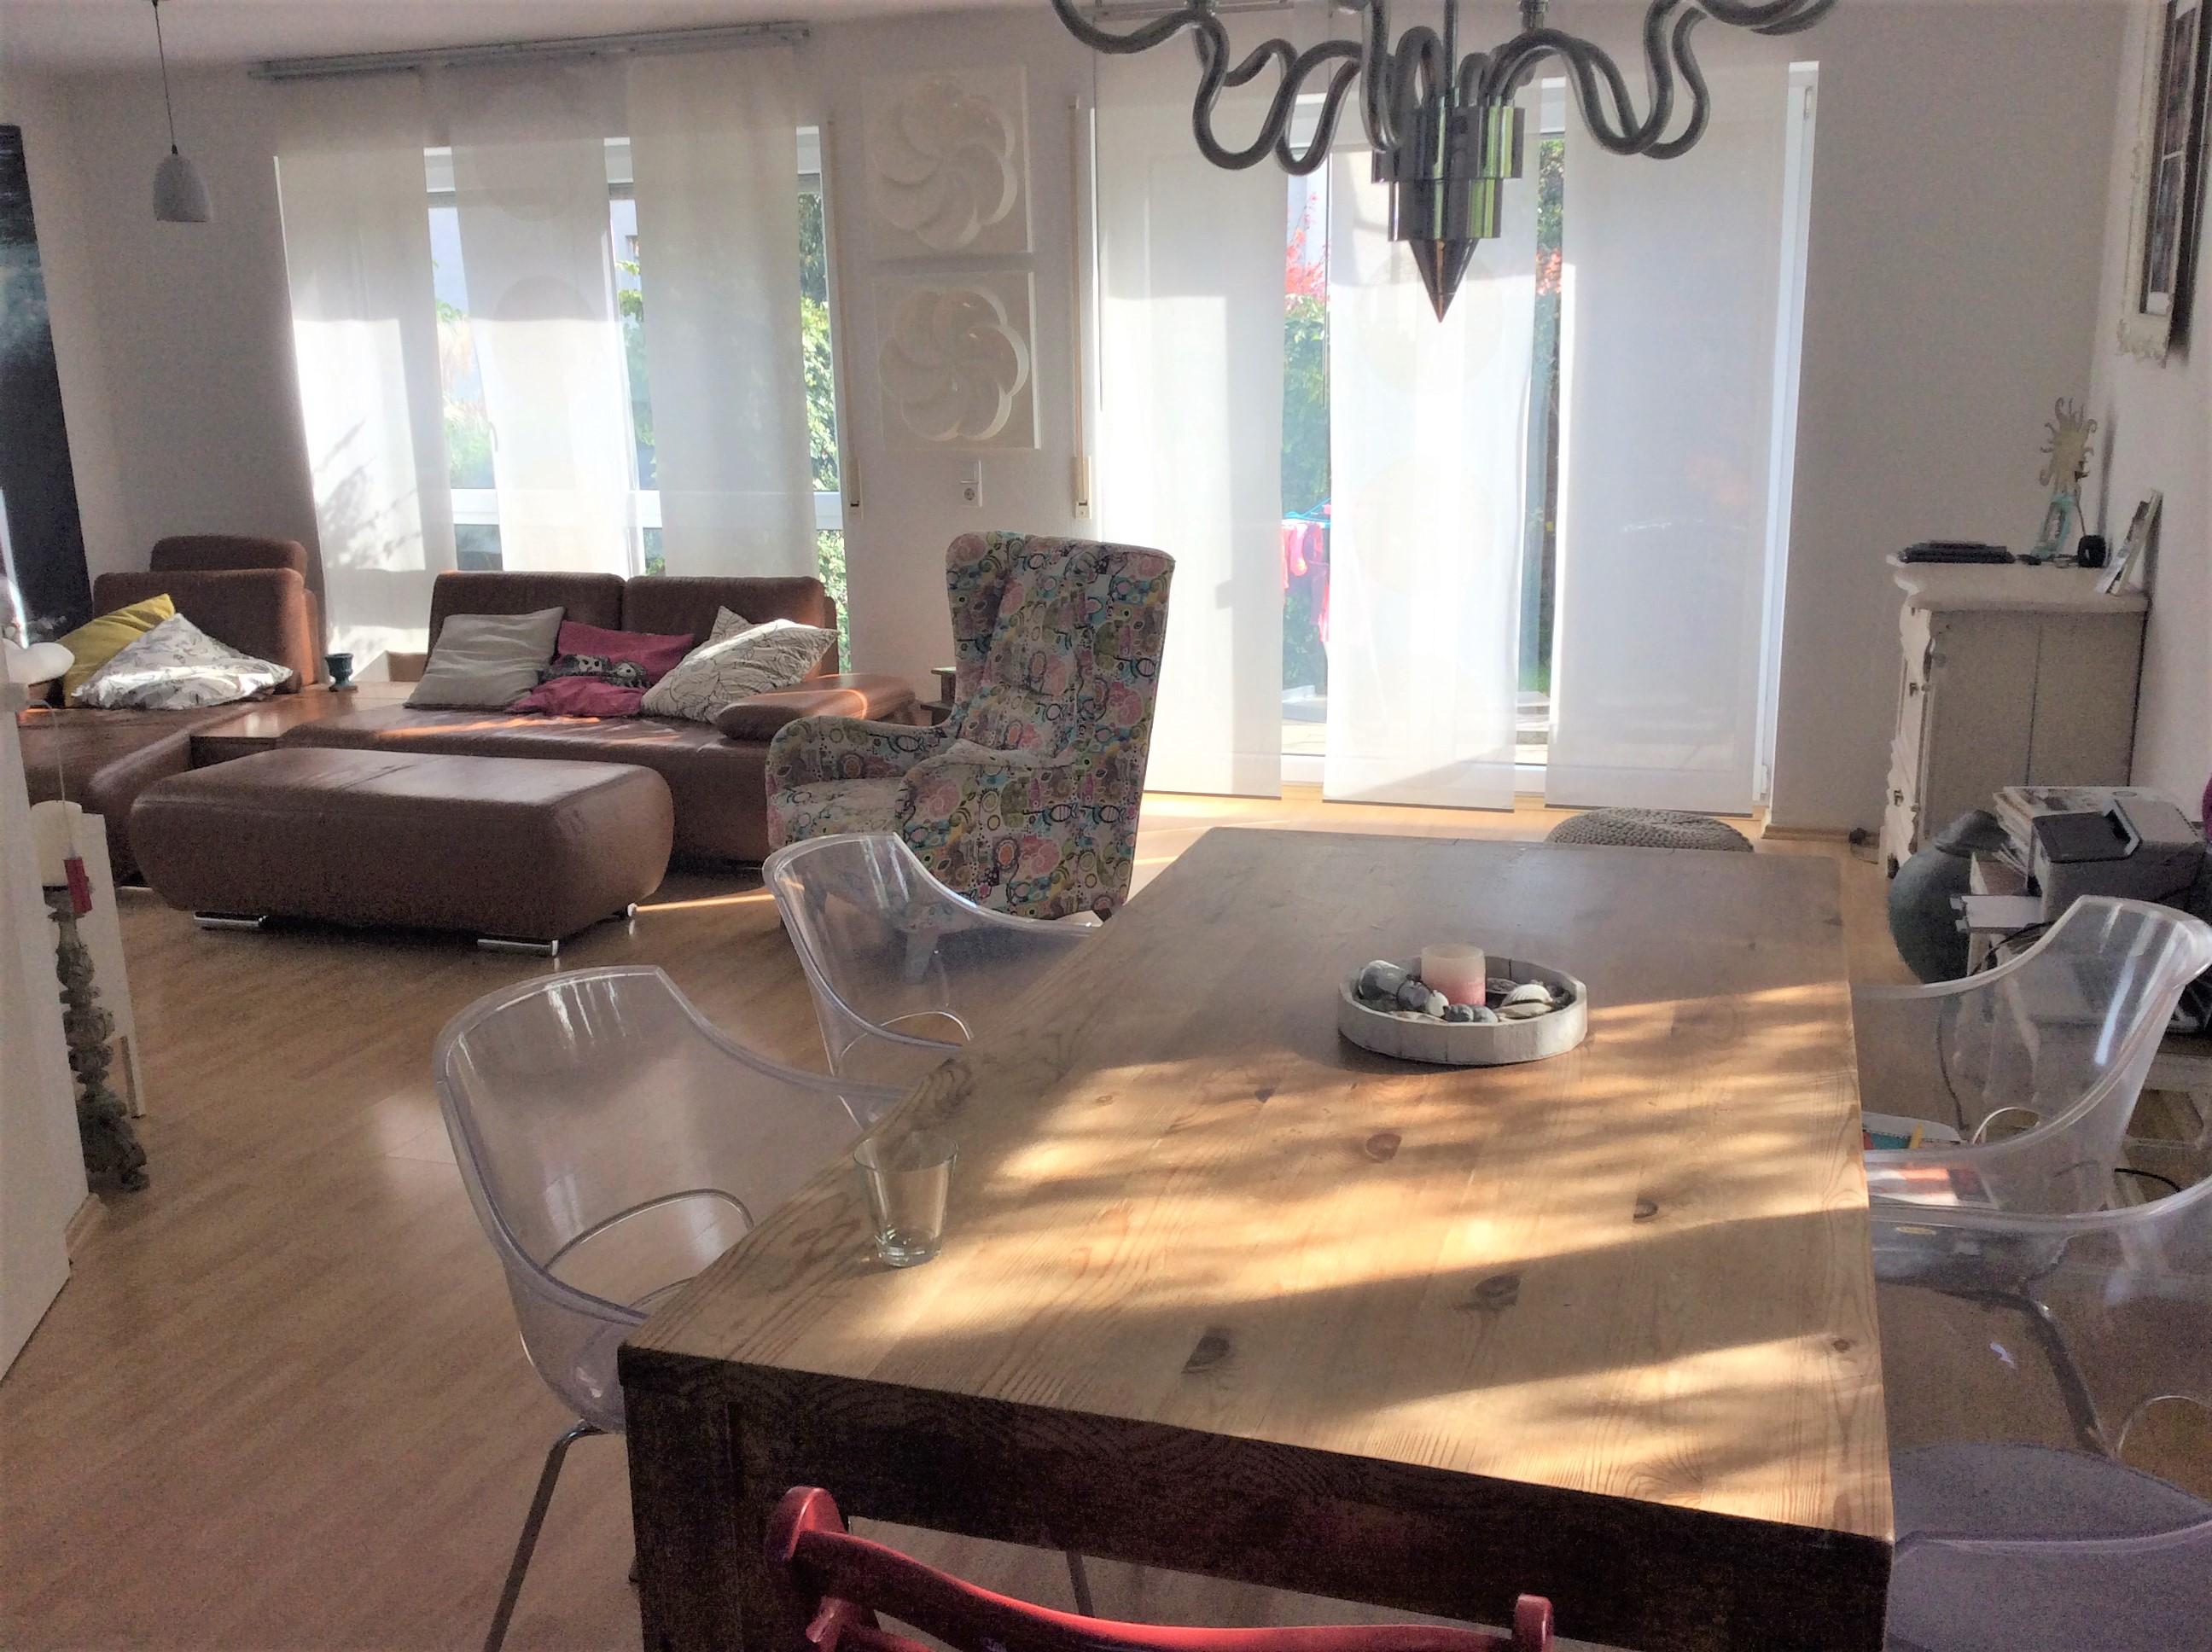 immobilien wohnung haus provisionfrei kaufen und mieten. Black Bedroom Furniture Sets. Home Design Ideas